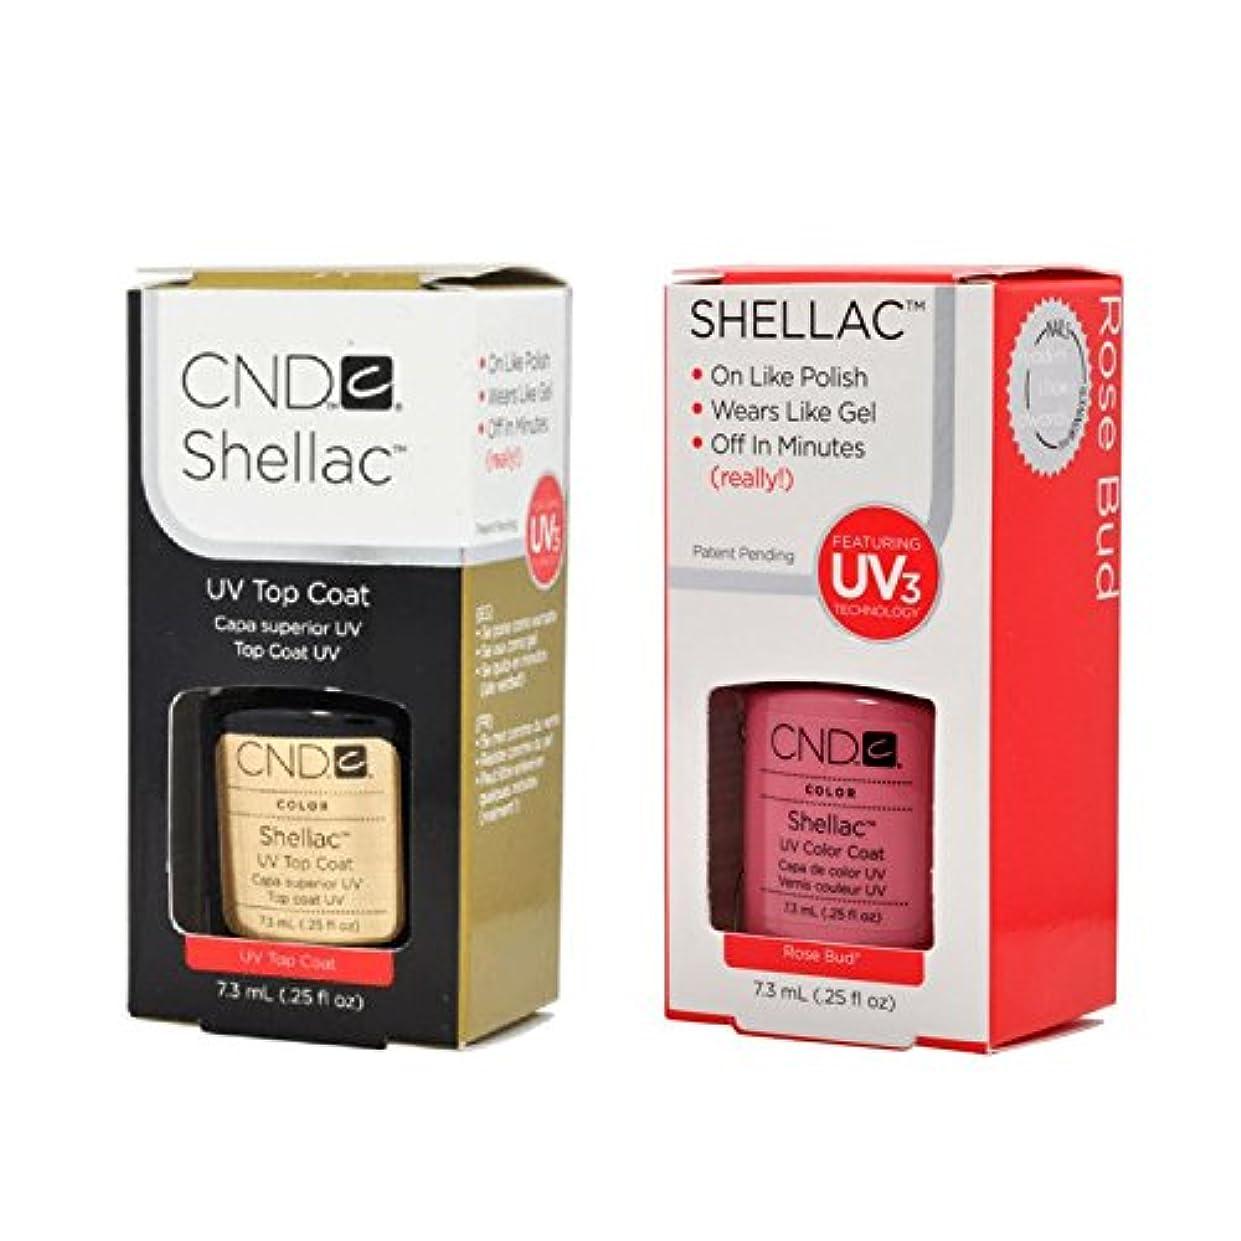 クレーター素晴らしい良い多くのシリアルCND Shellac UVトップコート 7.3m l  &  UV カラーコー< Rose Bud>7.3ml [海外直送品]